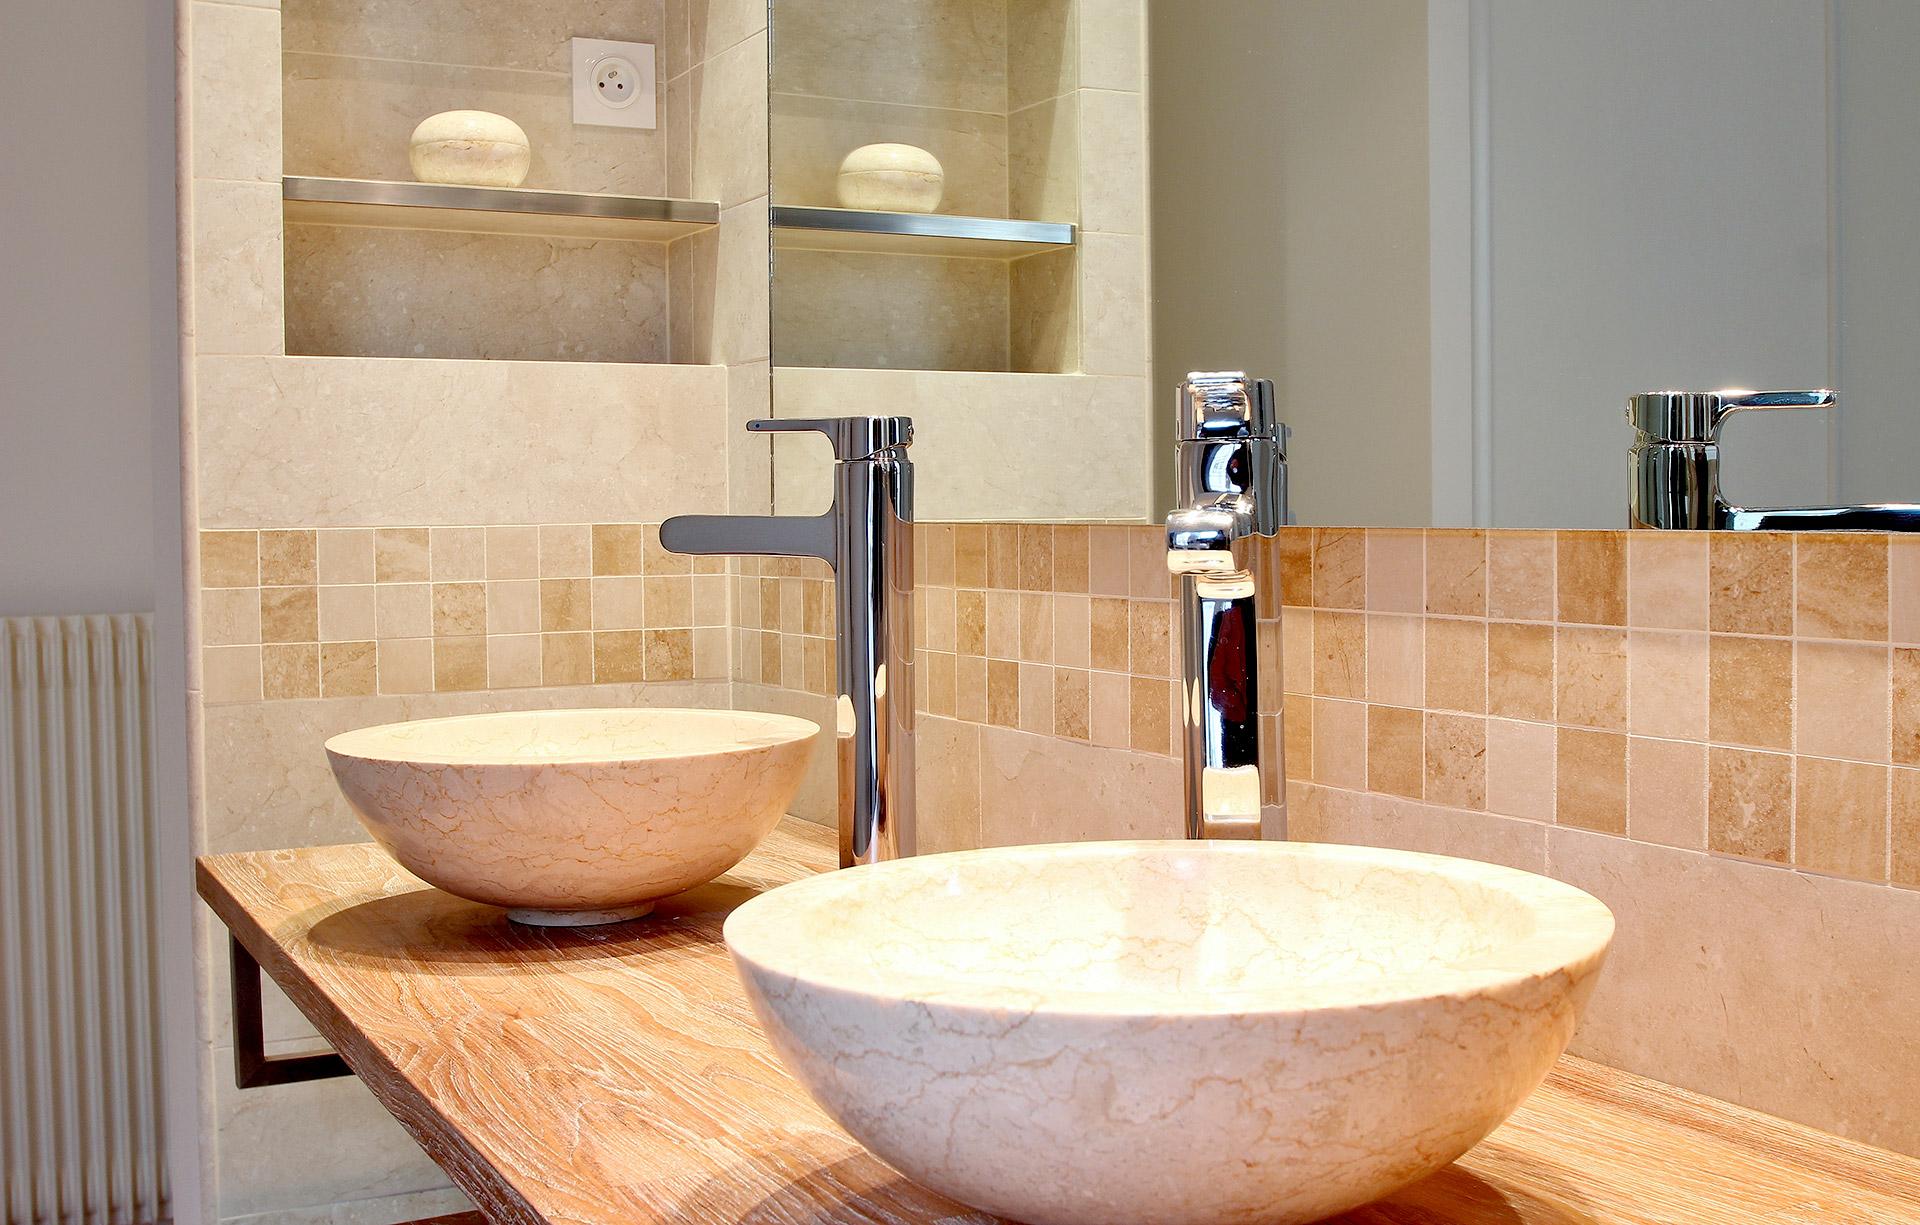 Chambre Ouverte Salle De Bain aménagement salle de bain ouverte vasque bois creusé et gré